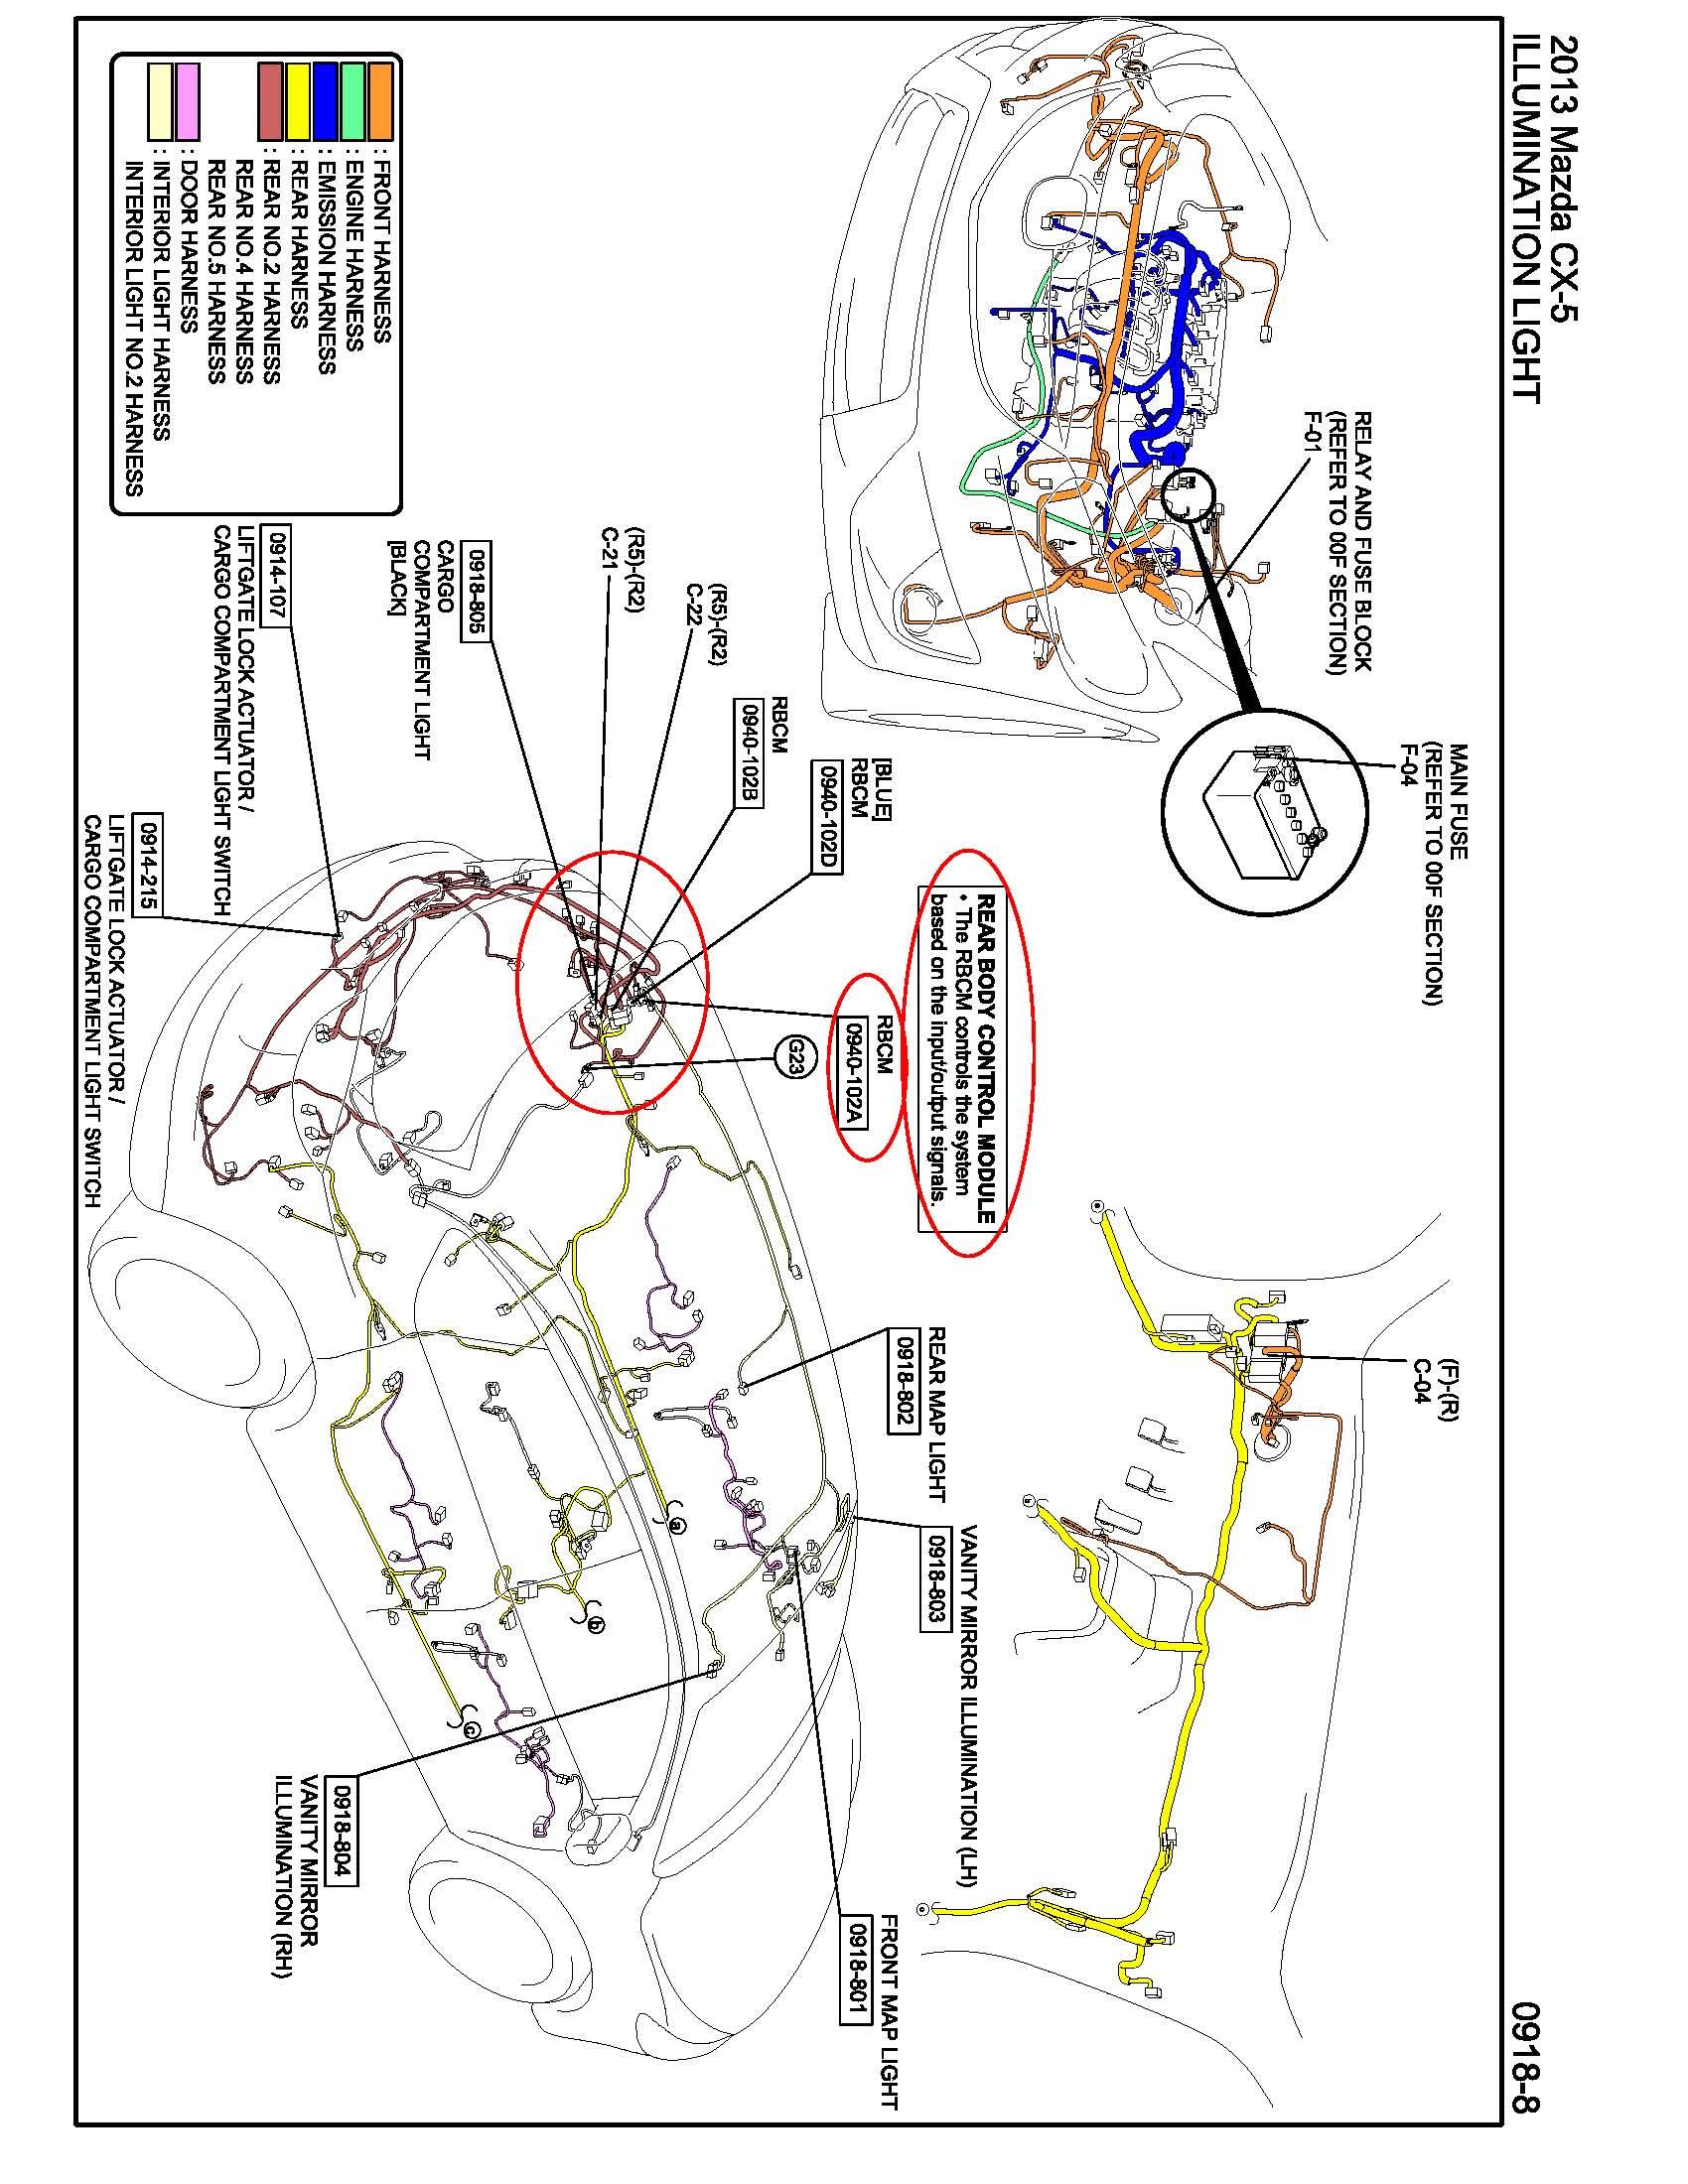 Mazda 3 Door Diagram Great Design Of Wiring 2008 Surprising Mx Rear Harness Gallery Best 2005